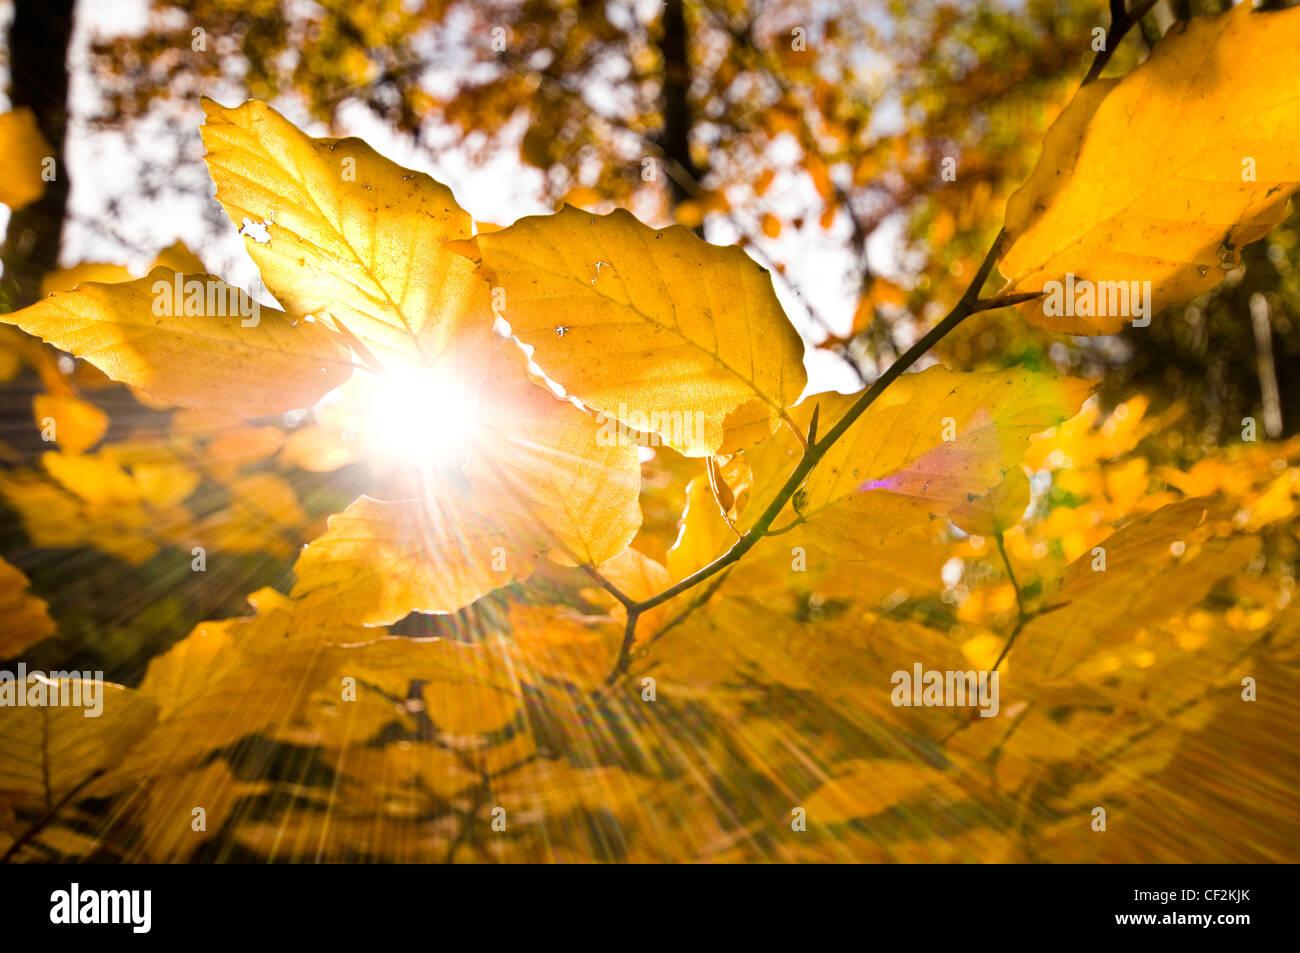 El sol brillaba a través de las hojas doradas de lenga en otoño. Imagen De Stock